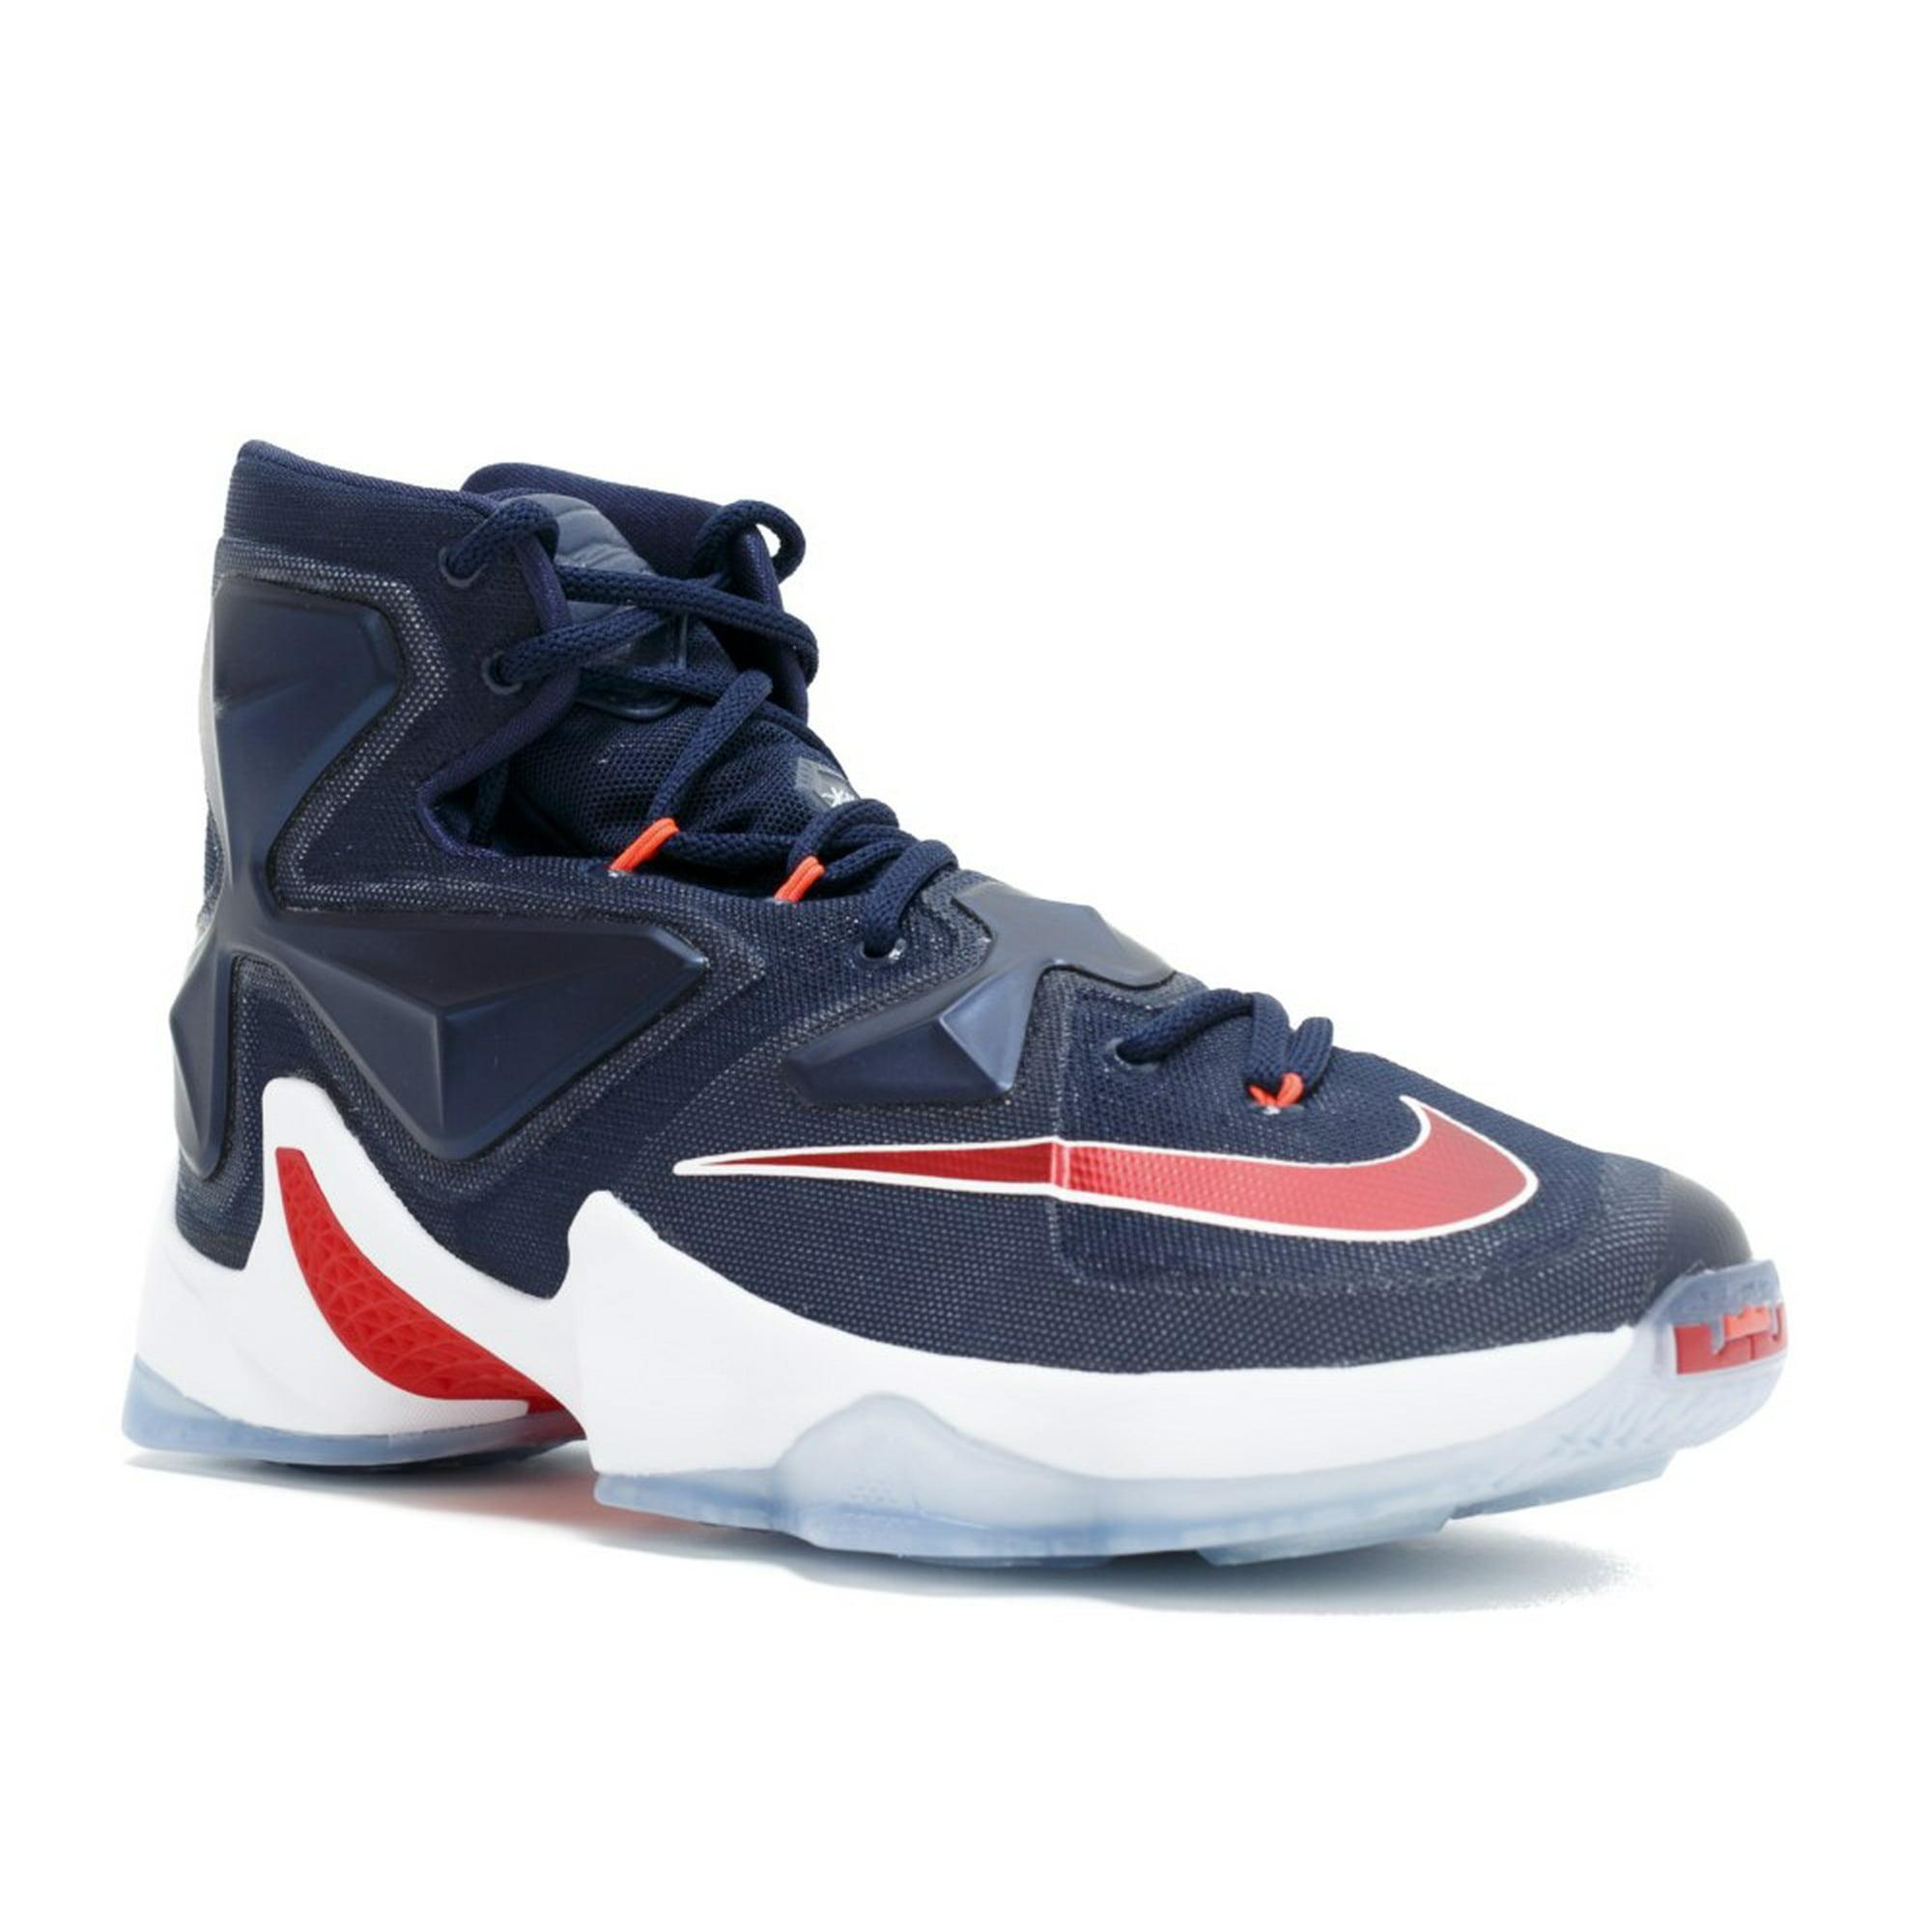 ffe229a7f257f Nike - Men - Lebron 13  Usa  - 807219-461 - Size 11